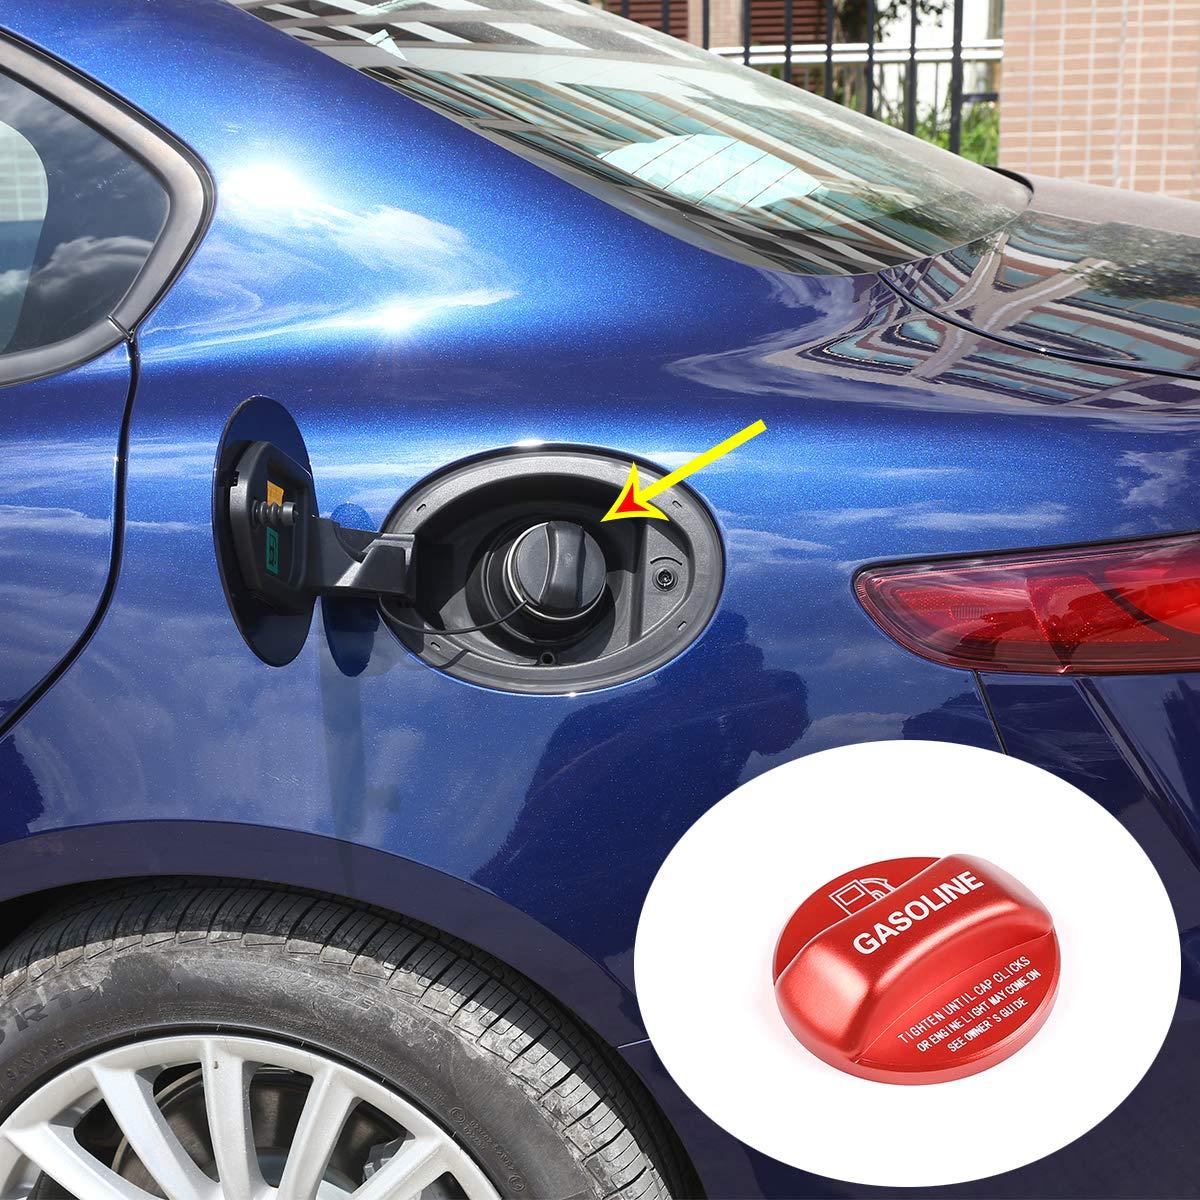 Tappo per serbatoio carburante Giulia in lega di alluminio